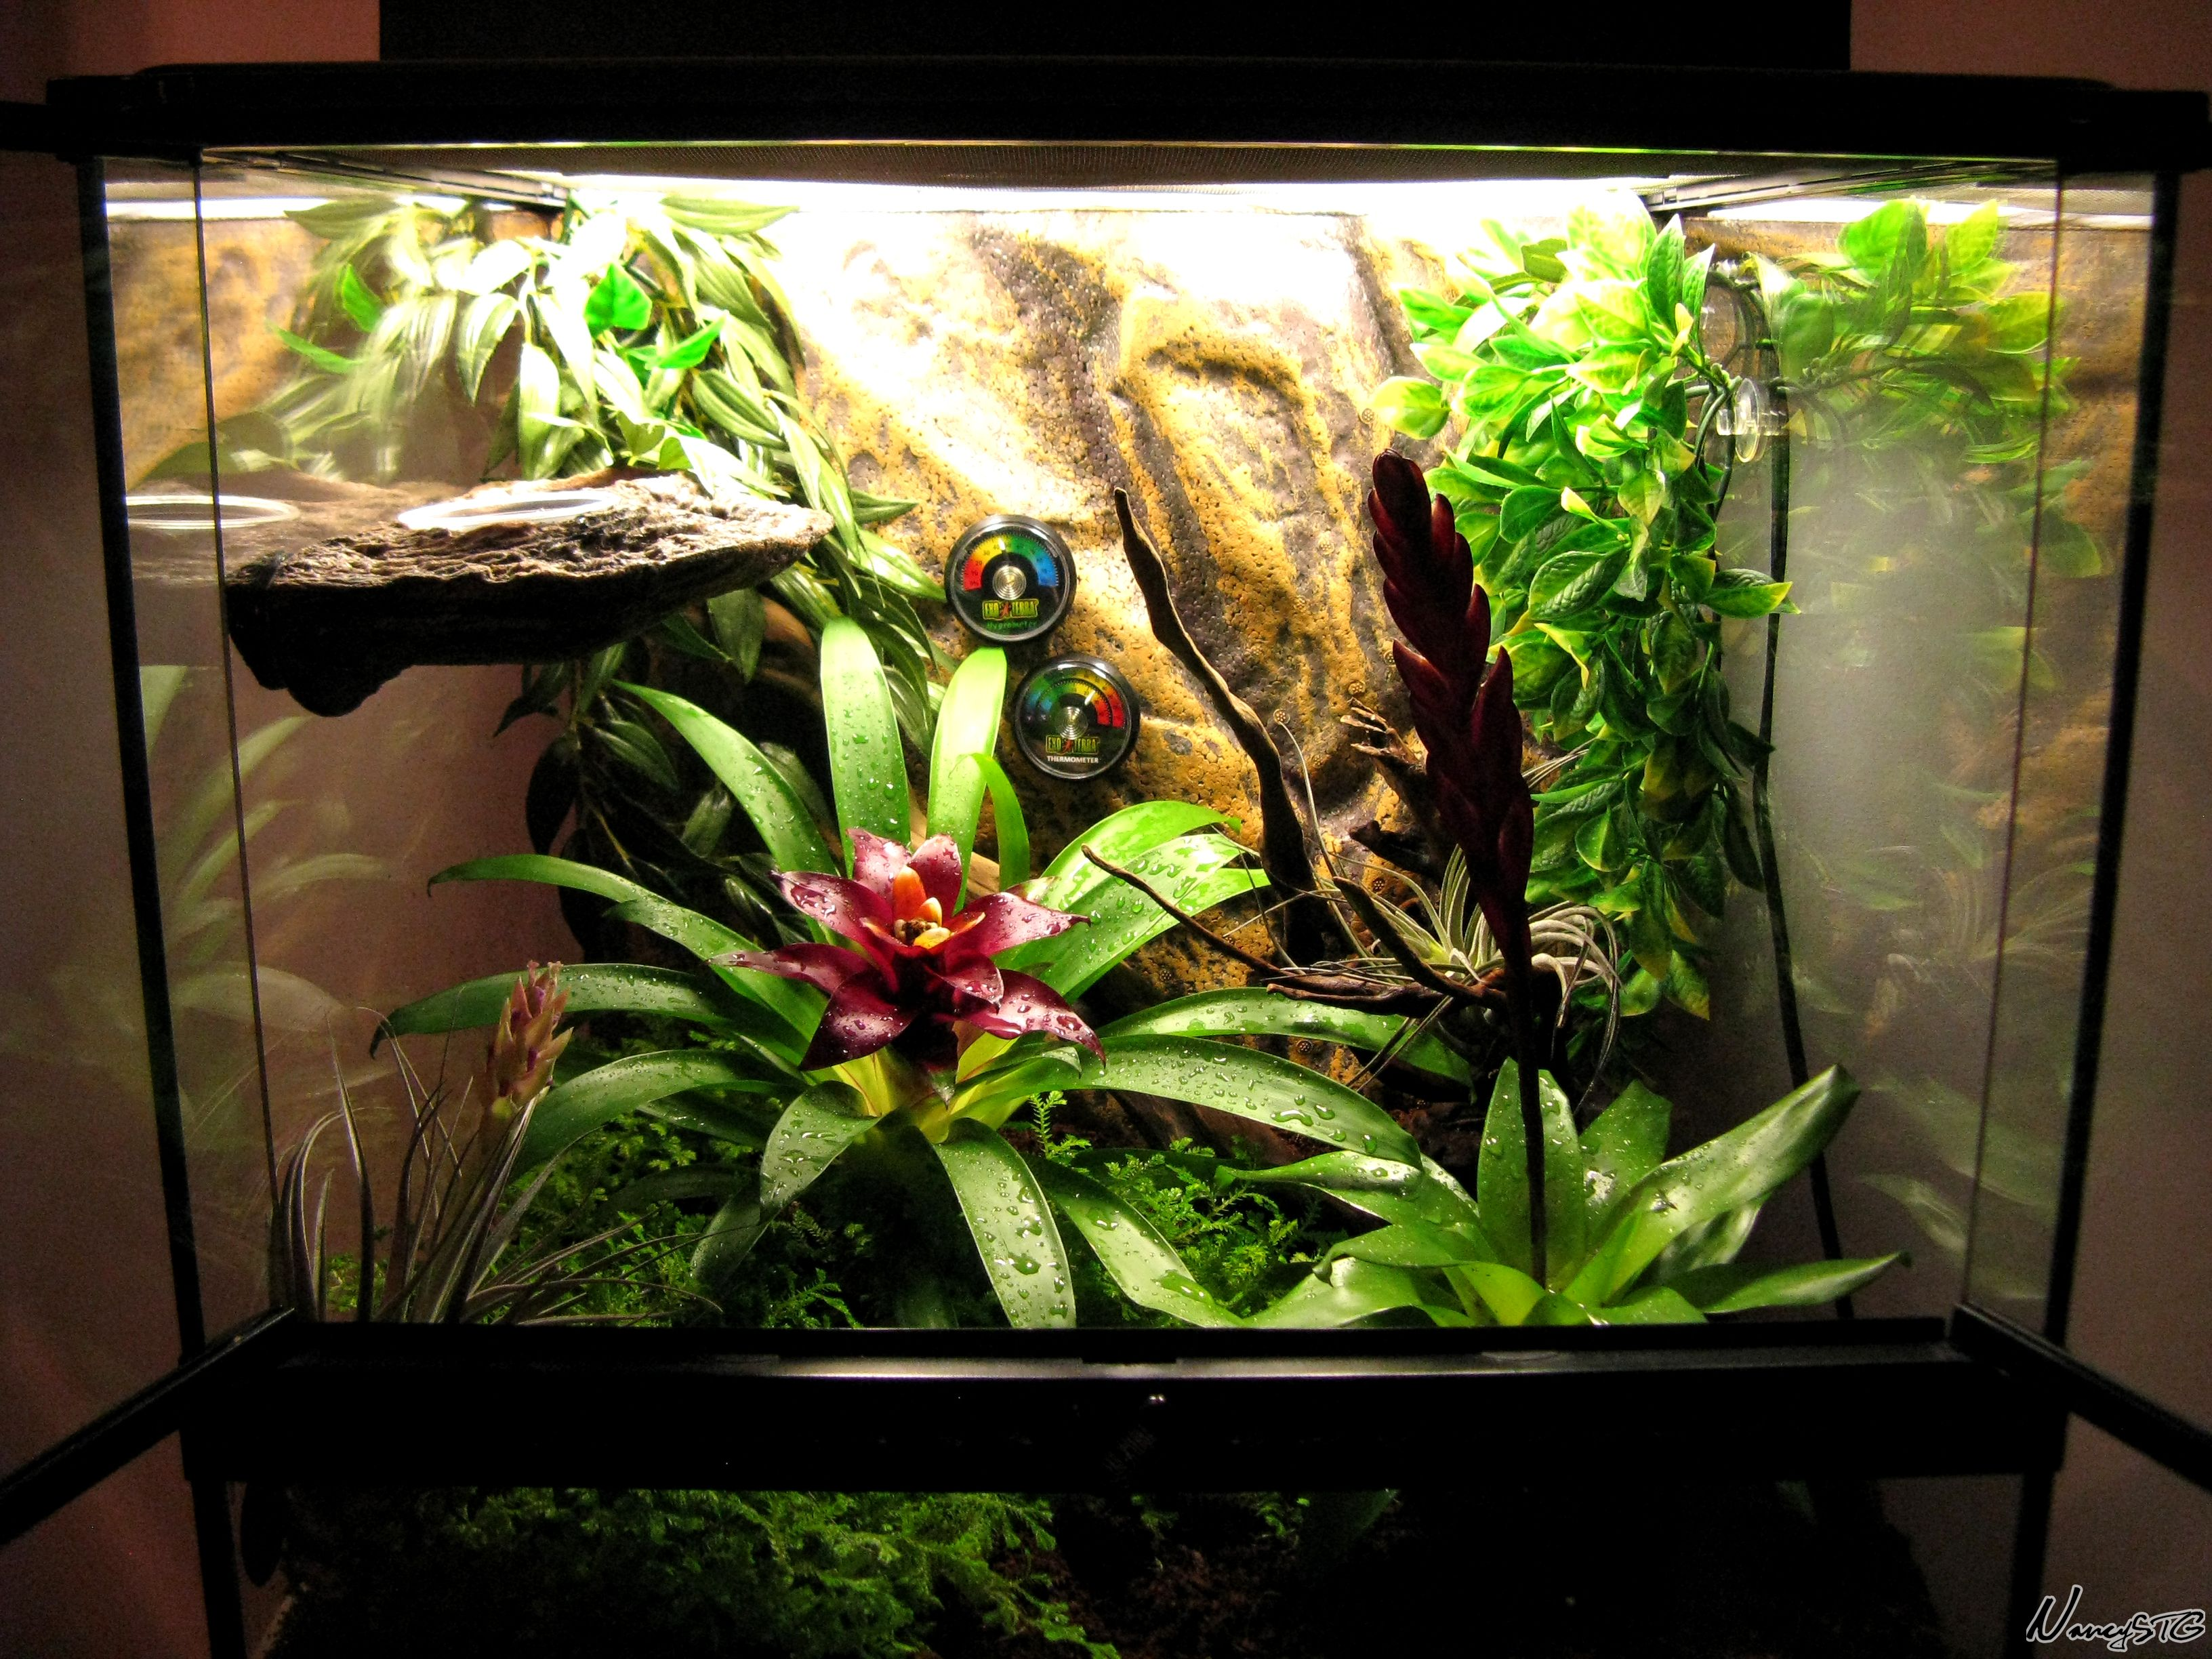 am nagement d 39 un terrarium 18 x18 x18 pour un gecko cr te crested gecko terrarium. Black Bedroom Furniture Sets. Home Design Ideas